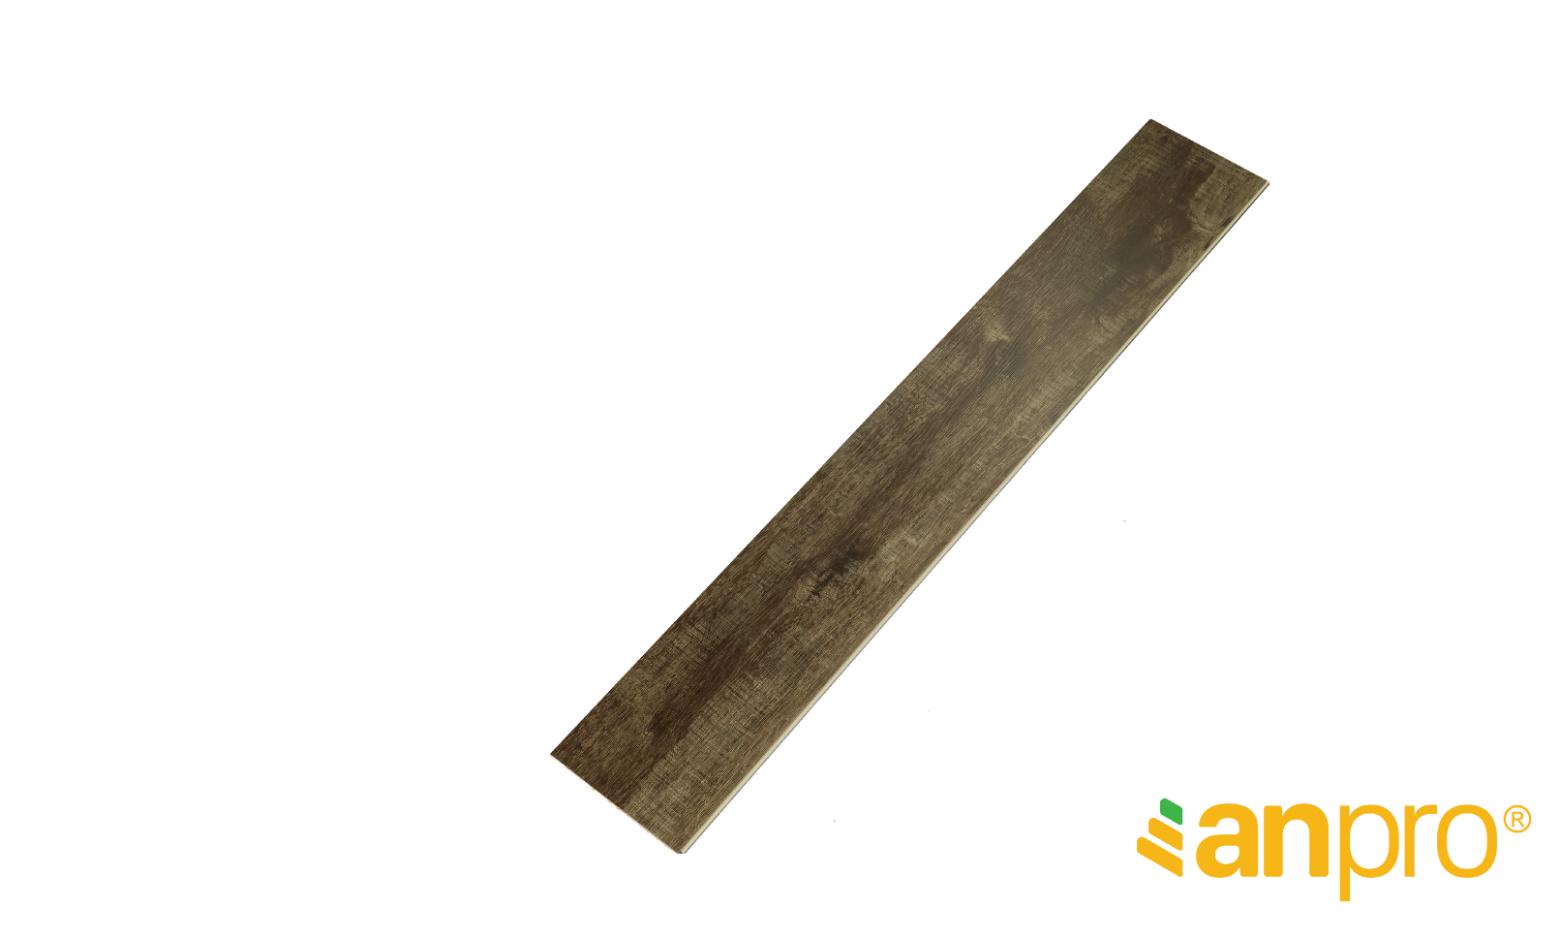 SA12 AnPro 01 - Sàn AnPro vân gỗ SA12